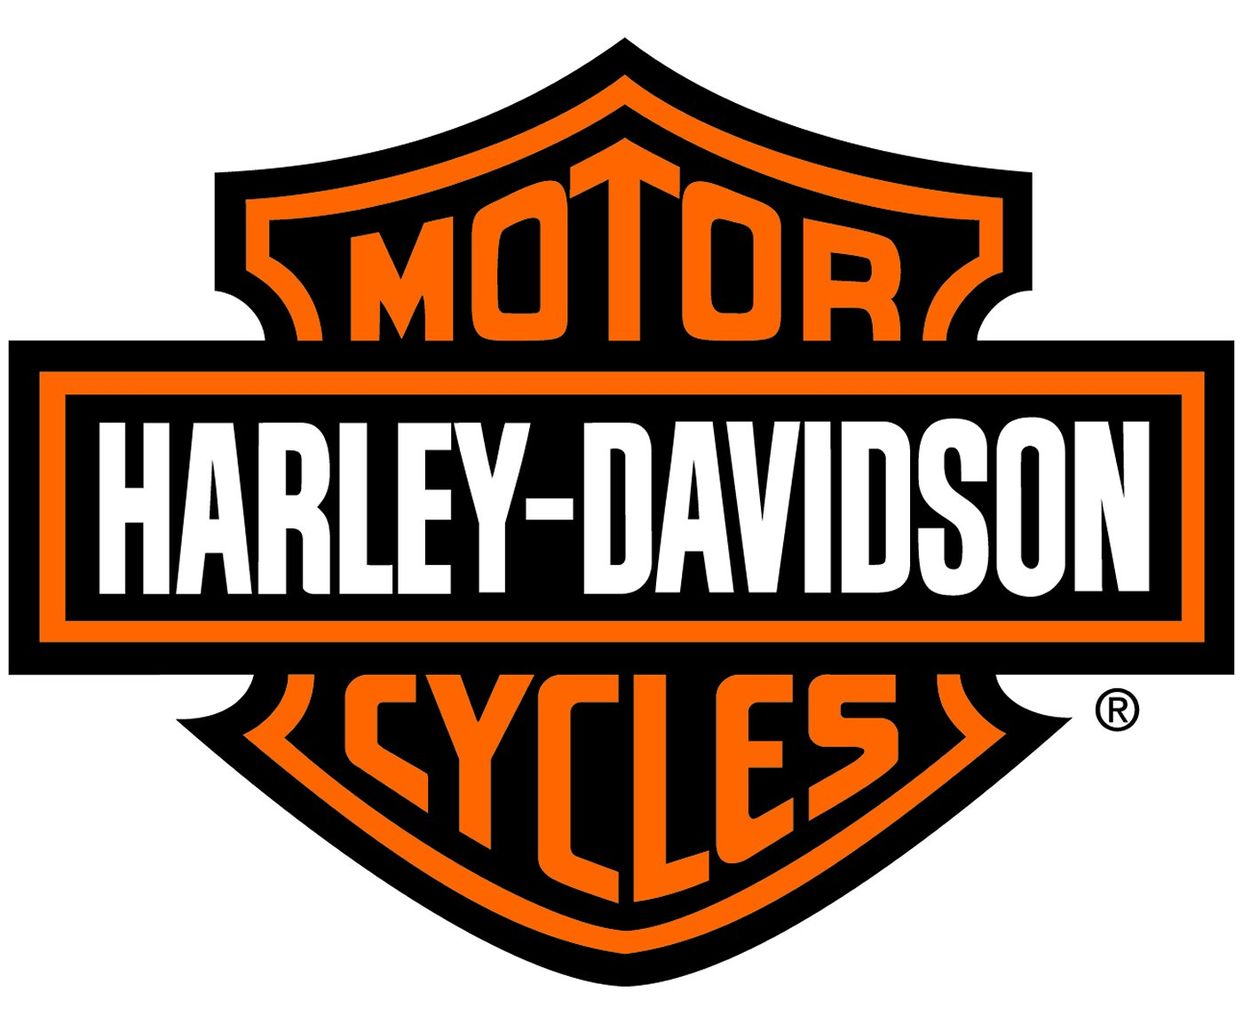 Harley Davidson Emblem: File:Harley Davidson Logo.jpg